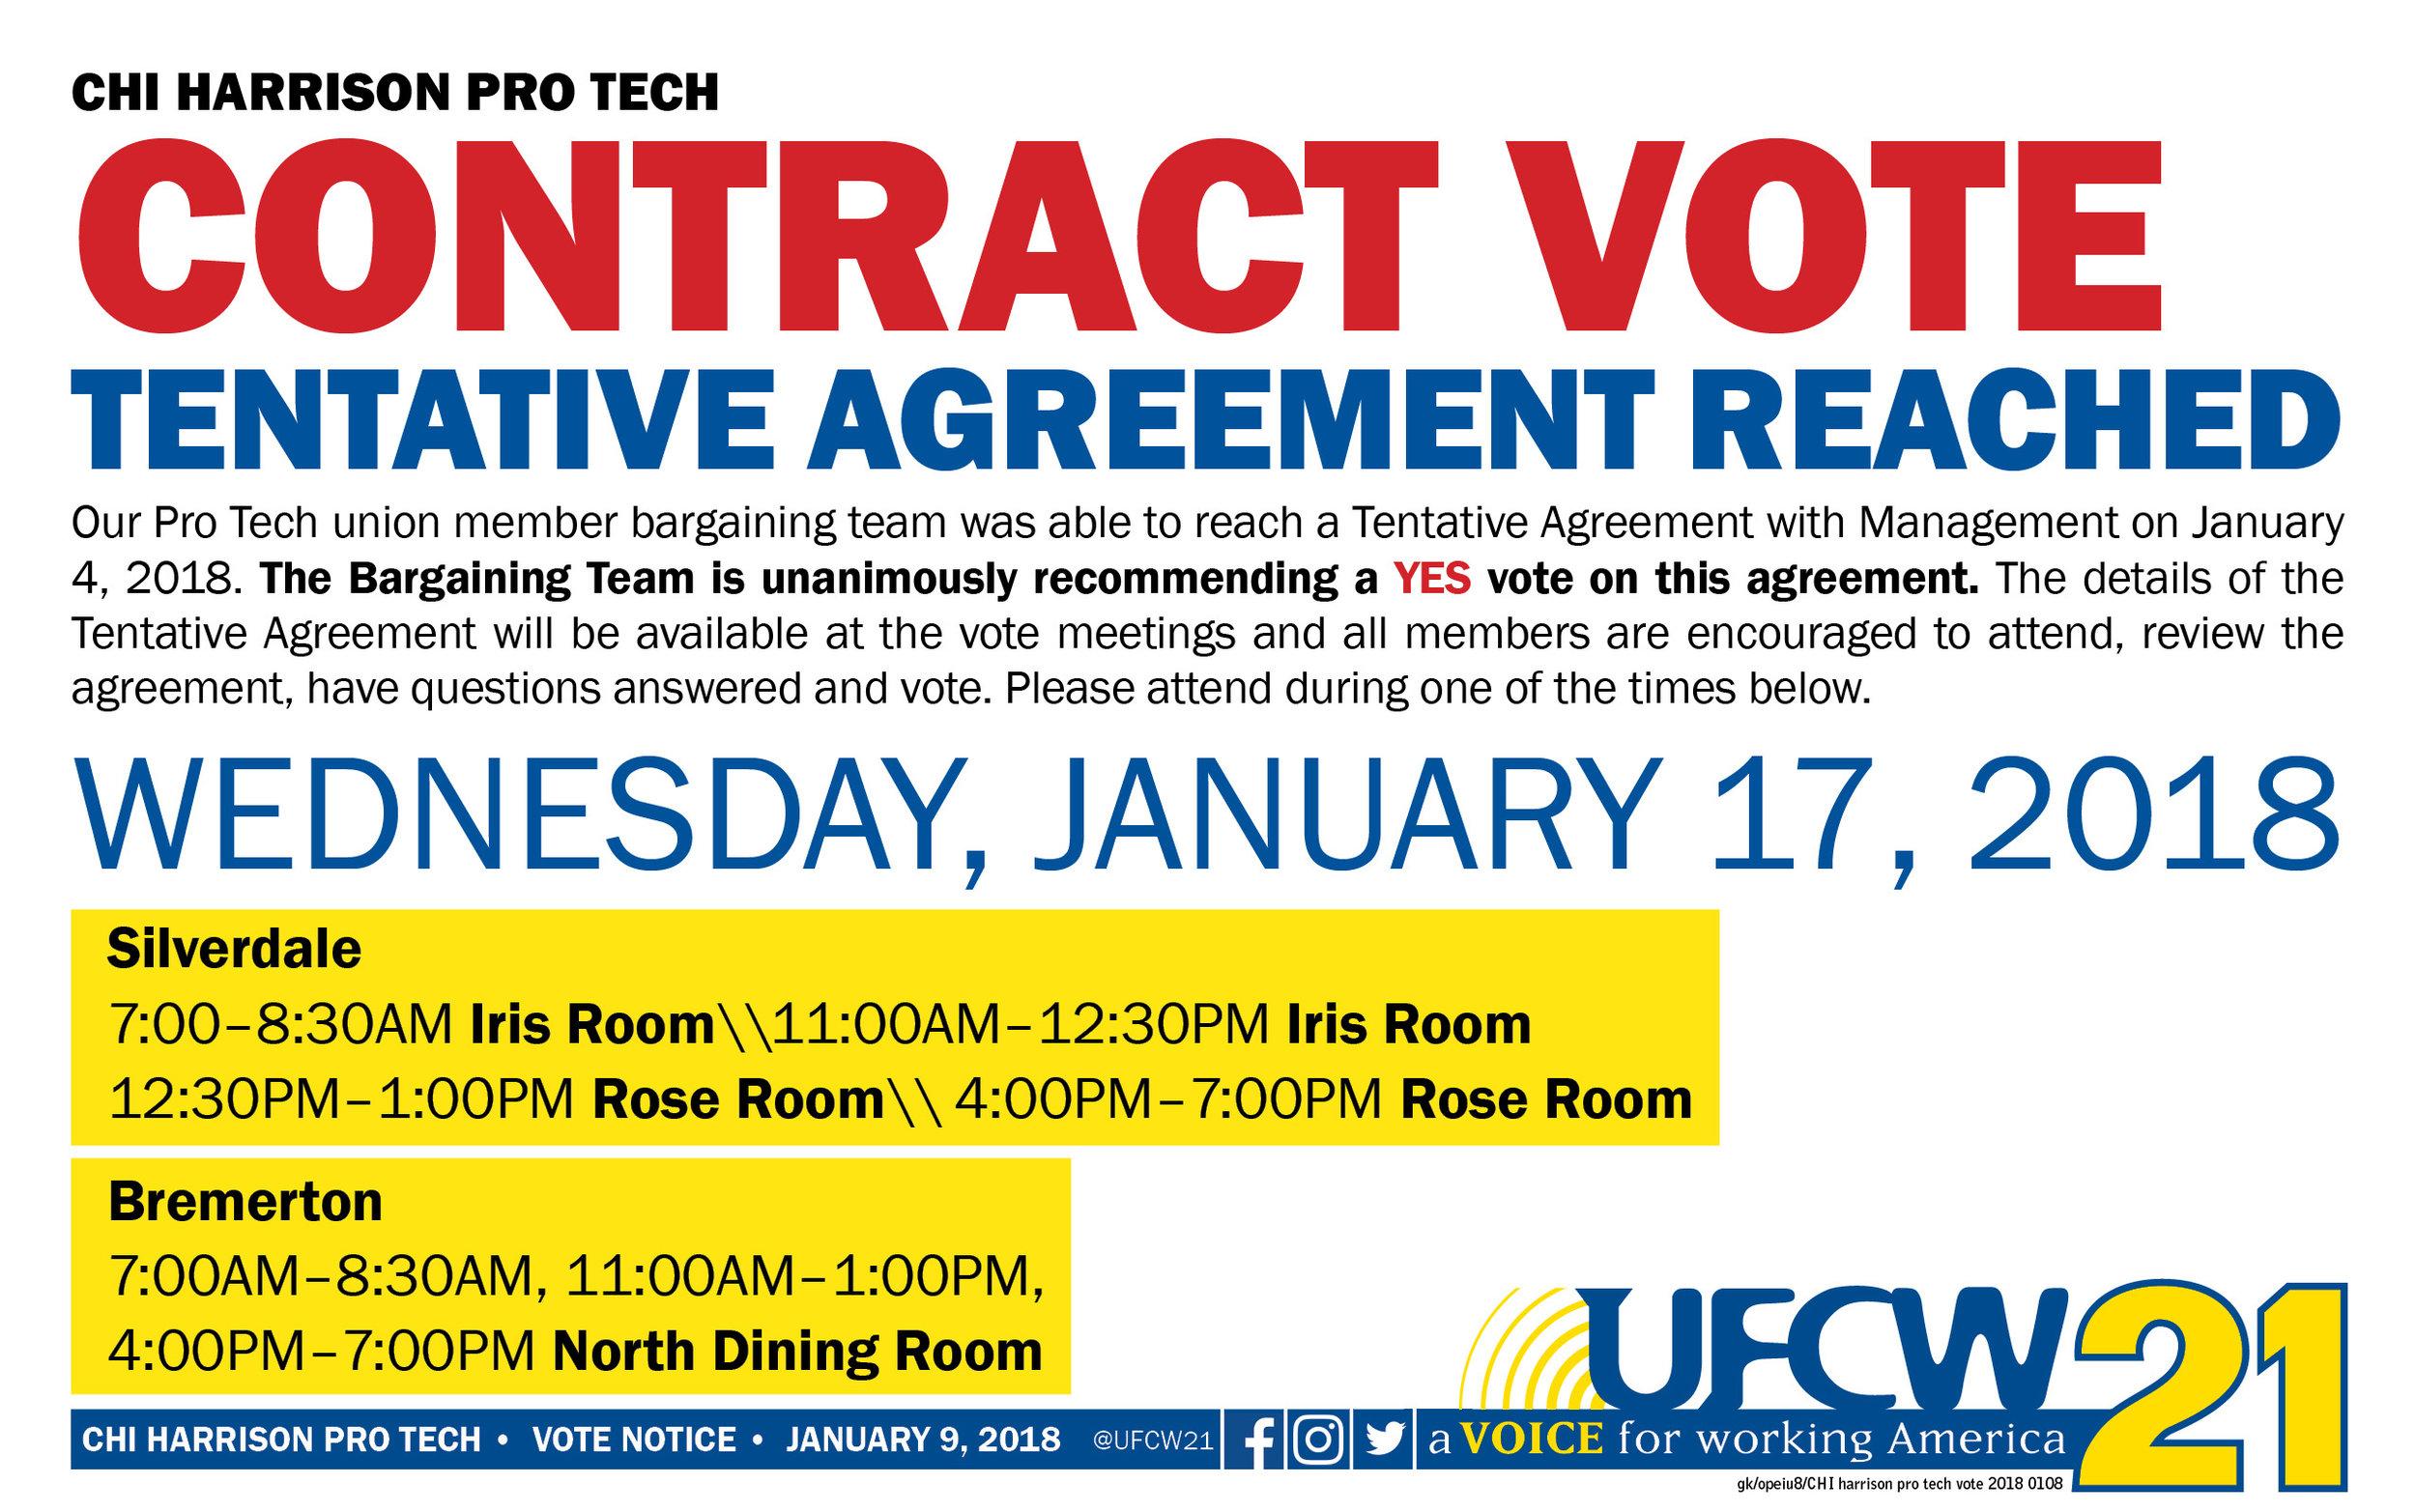 2018 0108 CHI Harrison Pro Tech contract vote.jpg